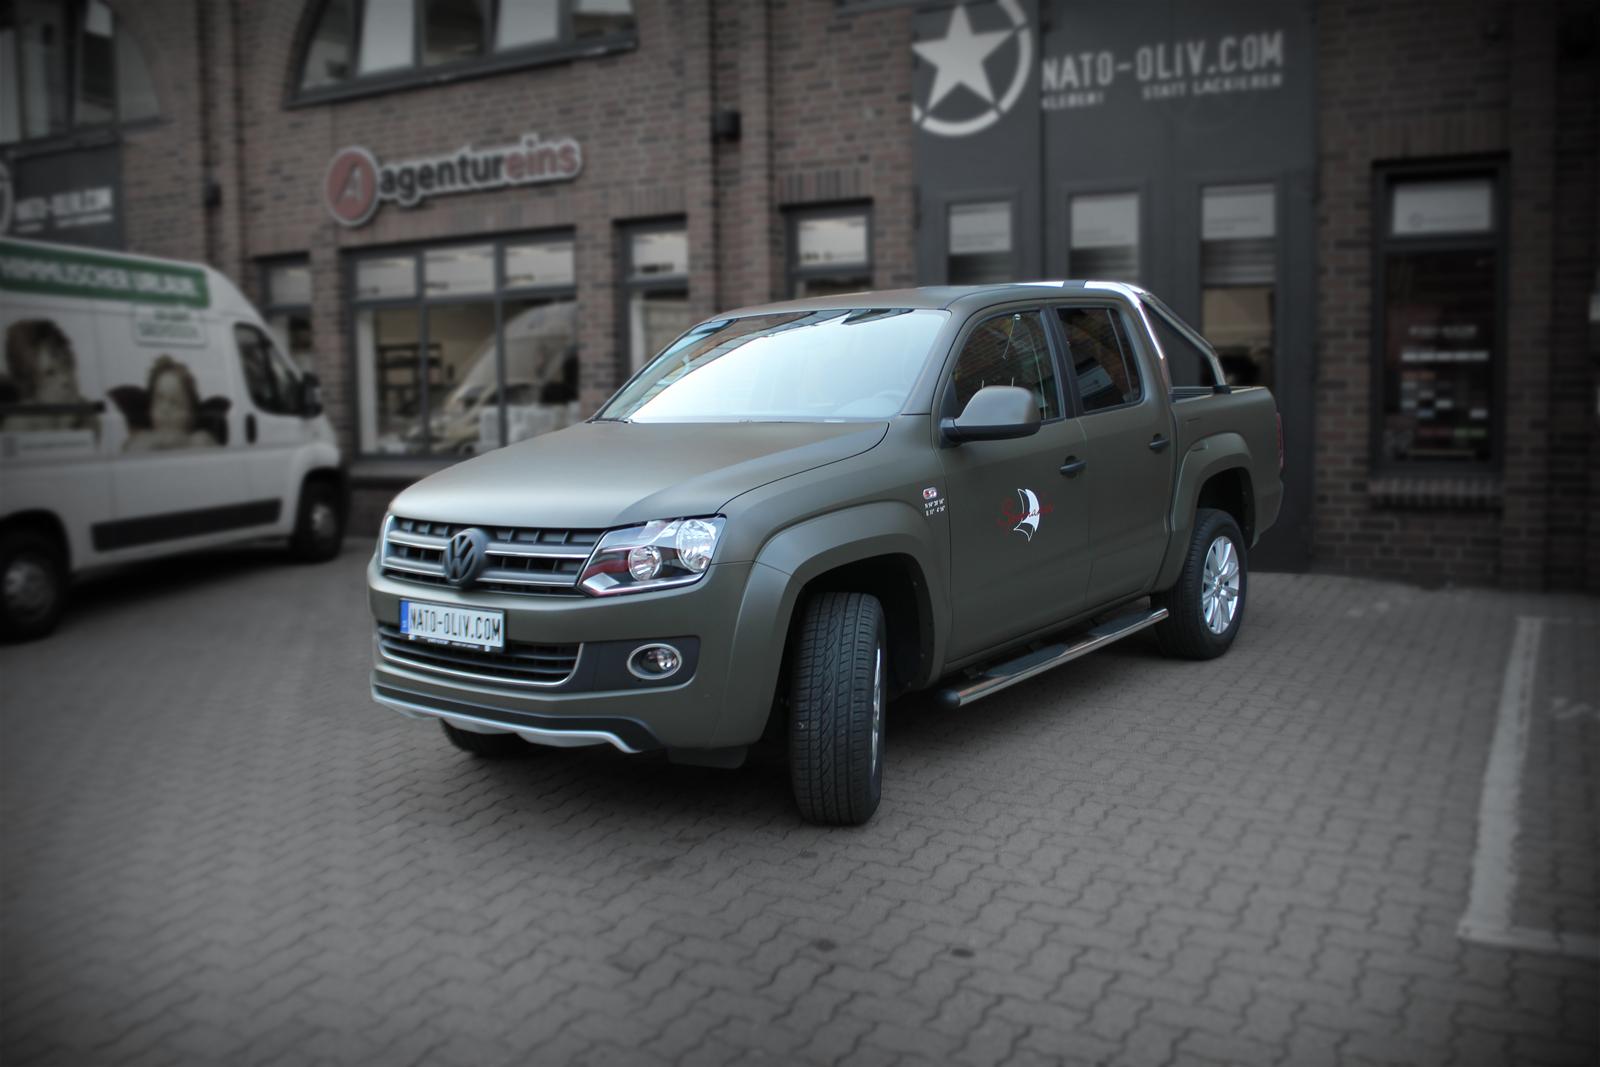 schraege Frontalansicht des VW Amarok foliert in Nato-Oliv matt